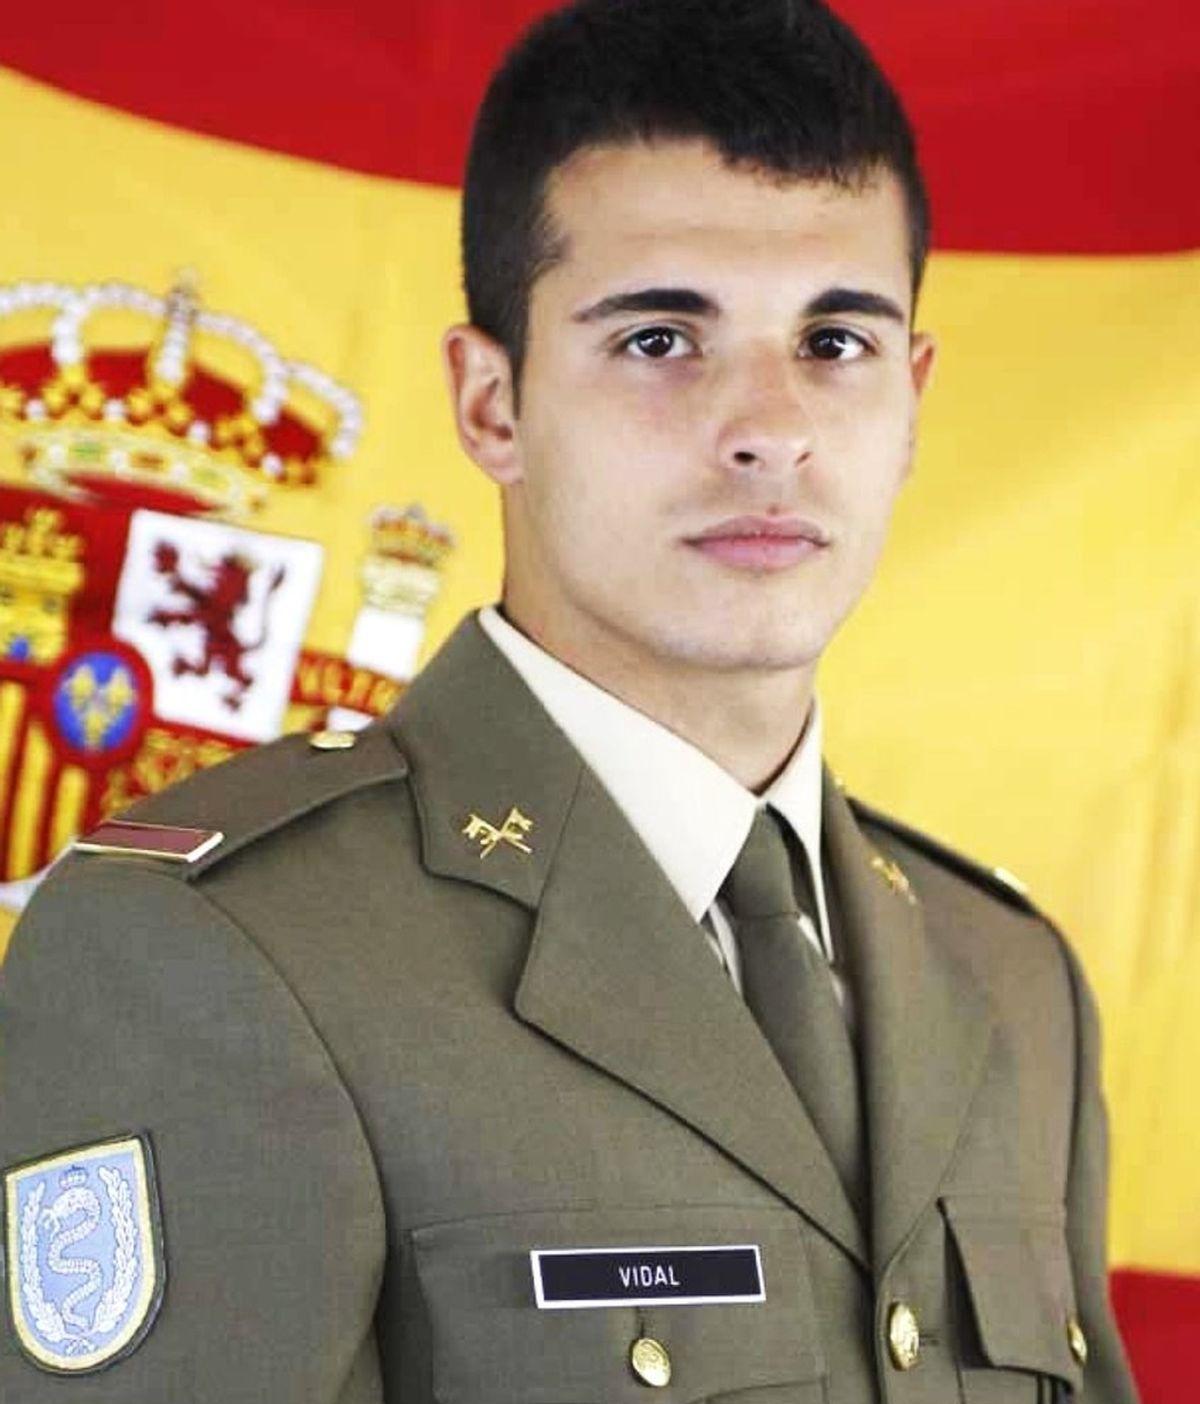 El soldado Aarón Vidal, fallecido en un accidente de tráfico en Irak